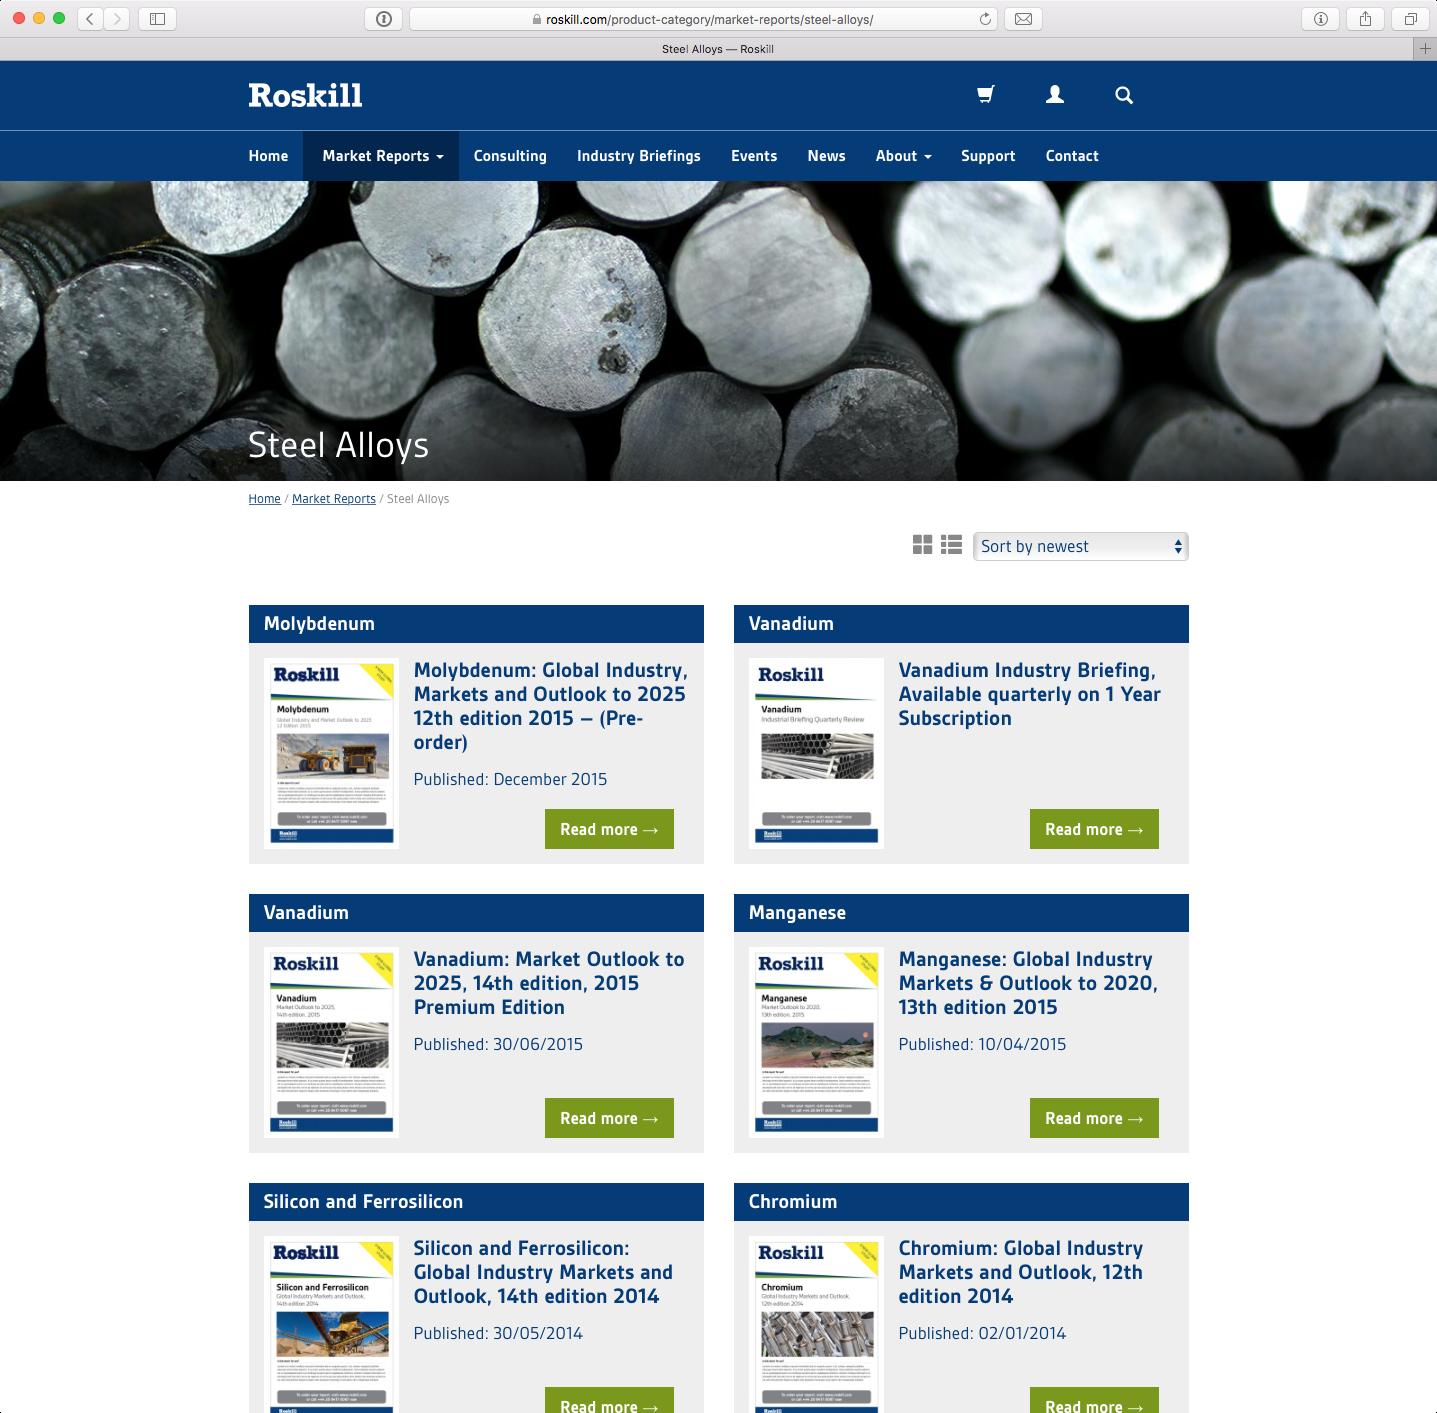 Roskill website